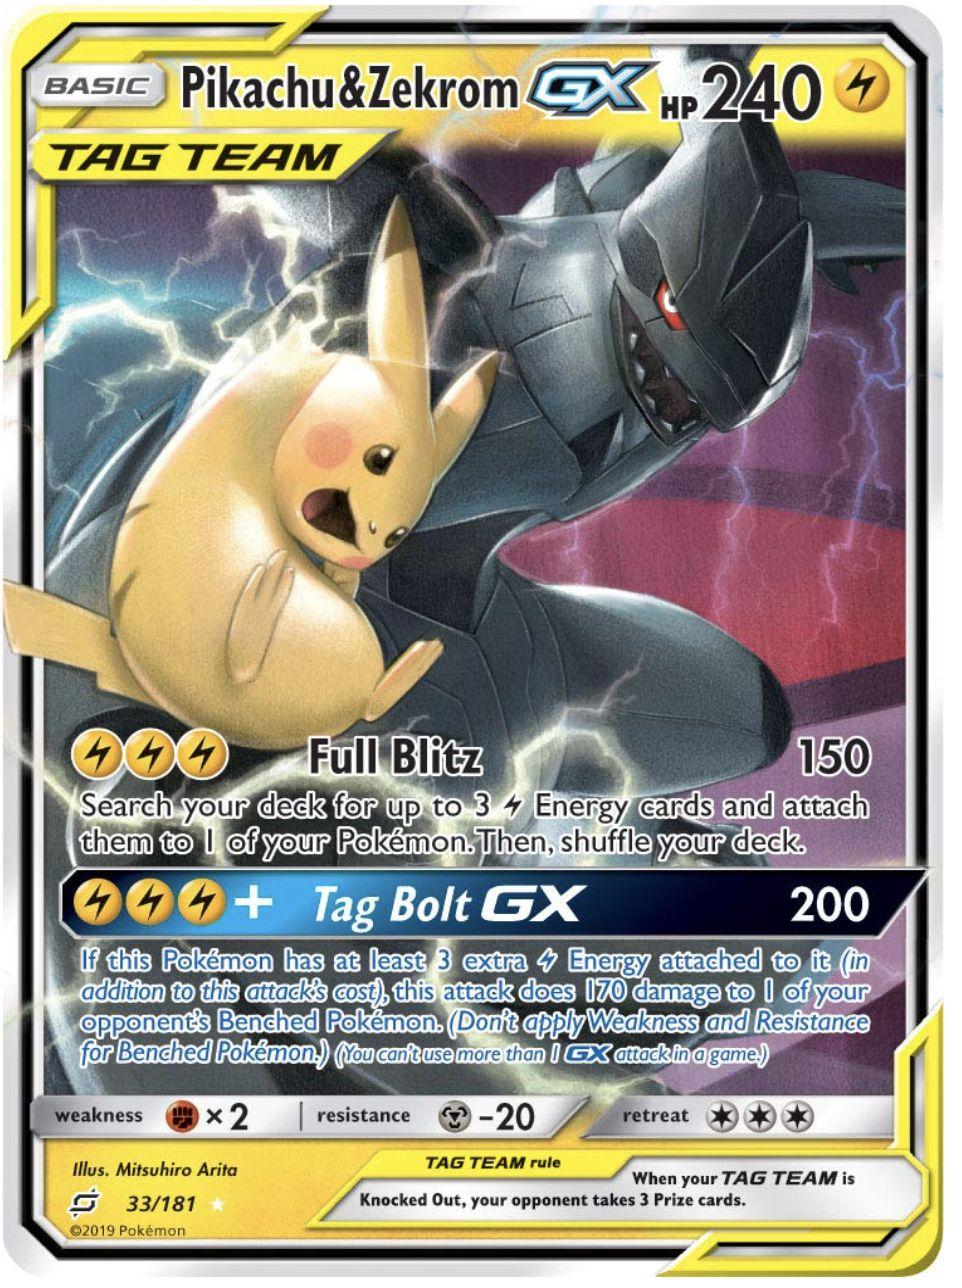 Carte Pokemon Gx A Imprimer : carte, pokemon, imprimer, Pokemon, Pikachu, Zekrom, 33/181, Ultra, Imprimer, Carte, Pokemon,, Dracaufeu